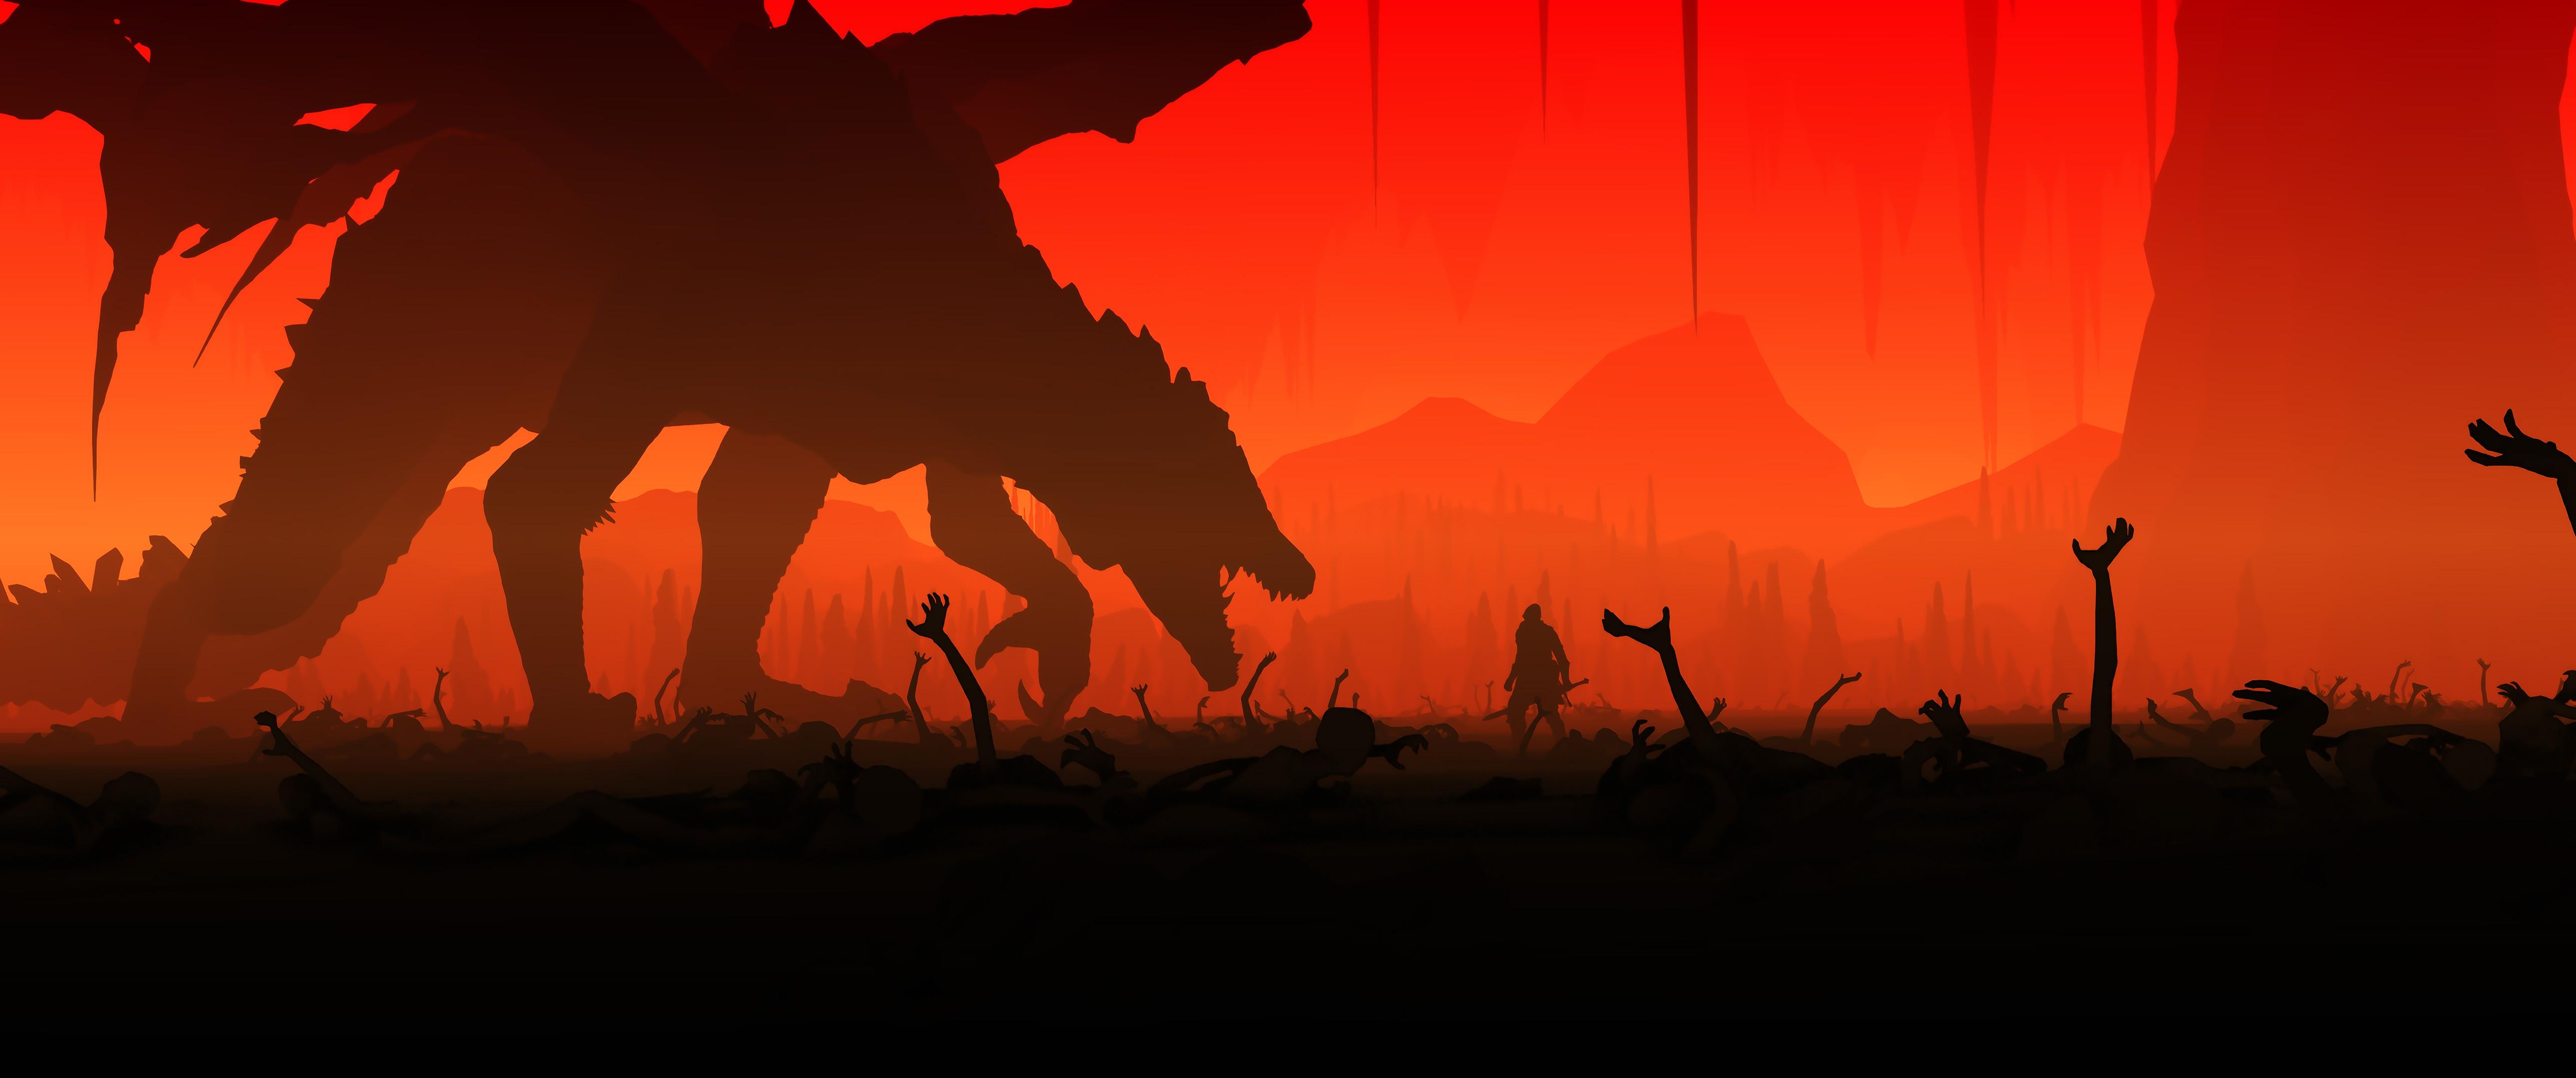 Dark Souls 3 4k Wallpaper: Dark Souls 3 Dragon 4k Artwork, HD Games, 4k Wallpapers